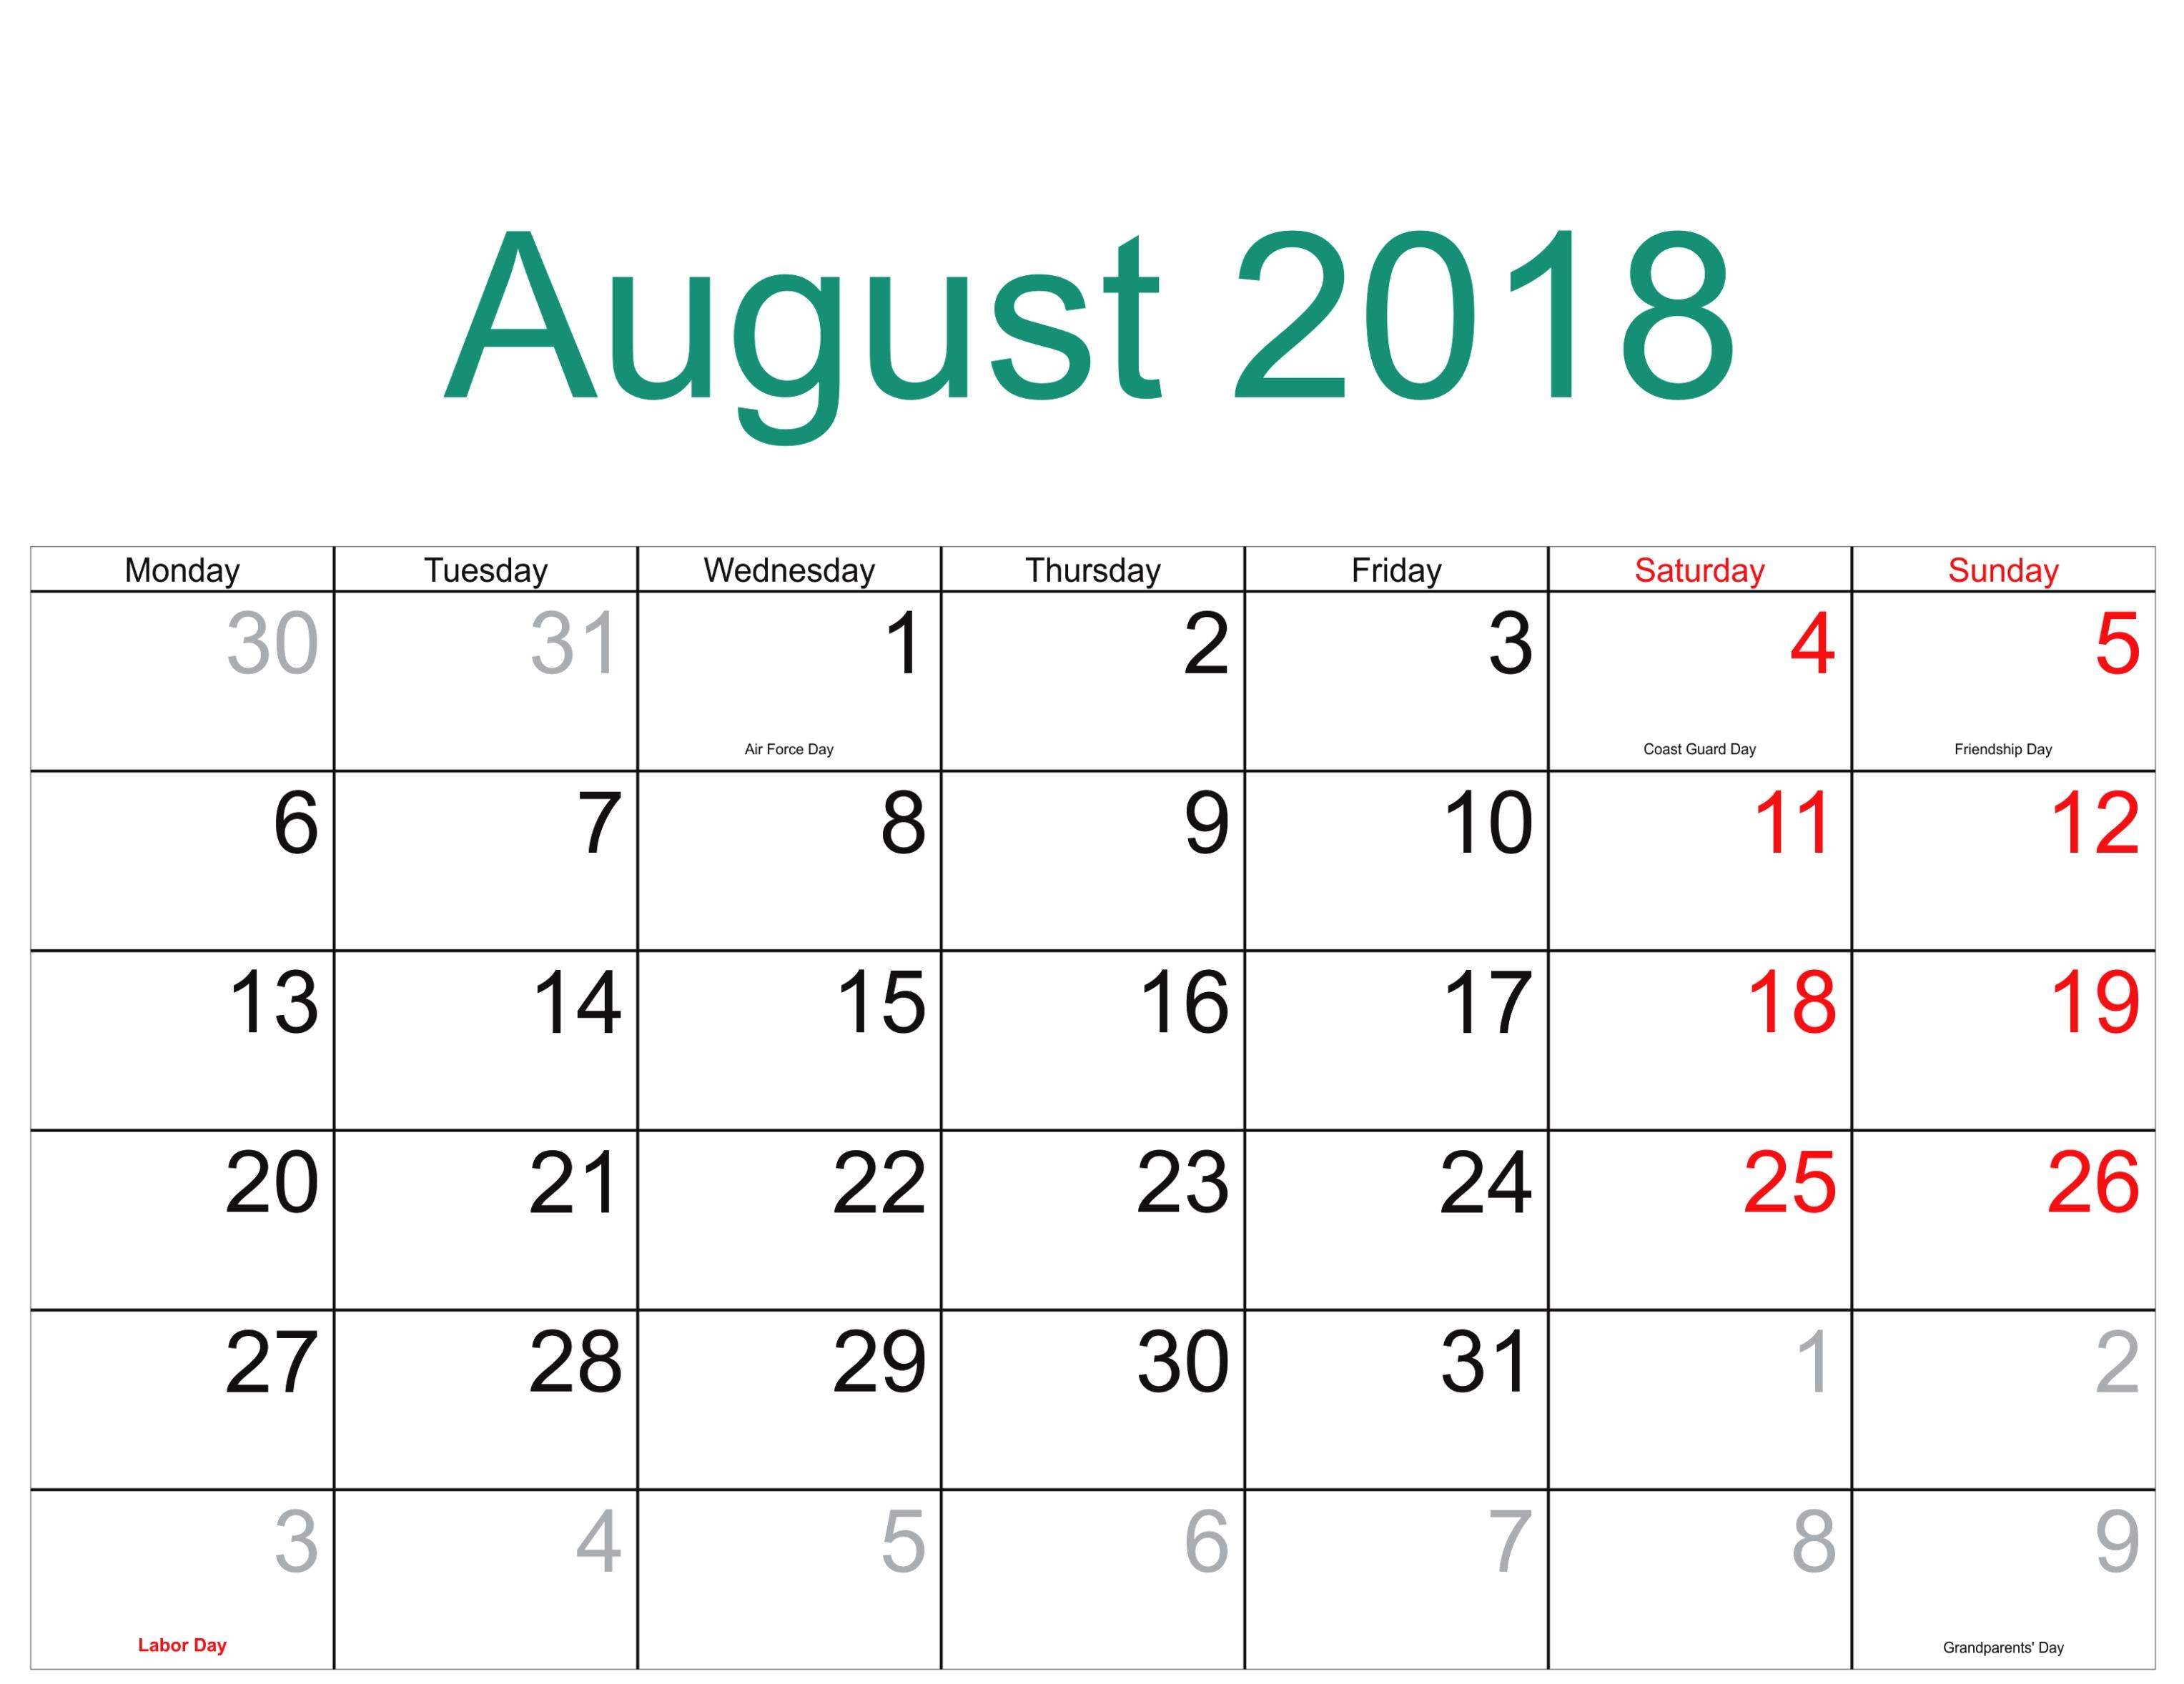 august 2018 calendar us holidays calendar template letter format Calendar August 2018 Printable Uk erdferdf